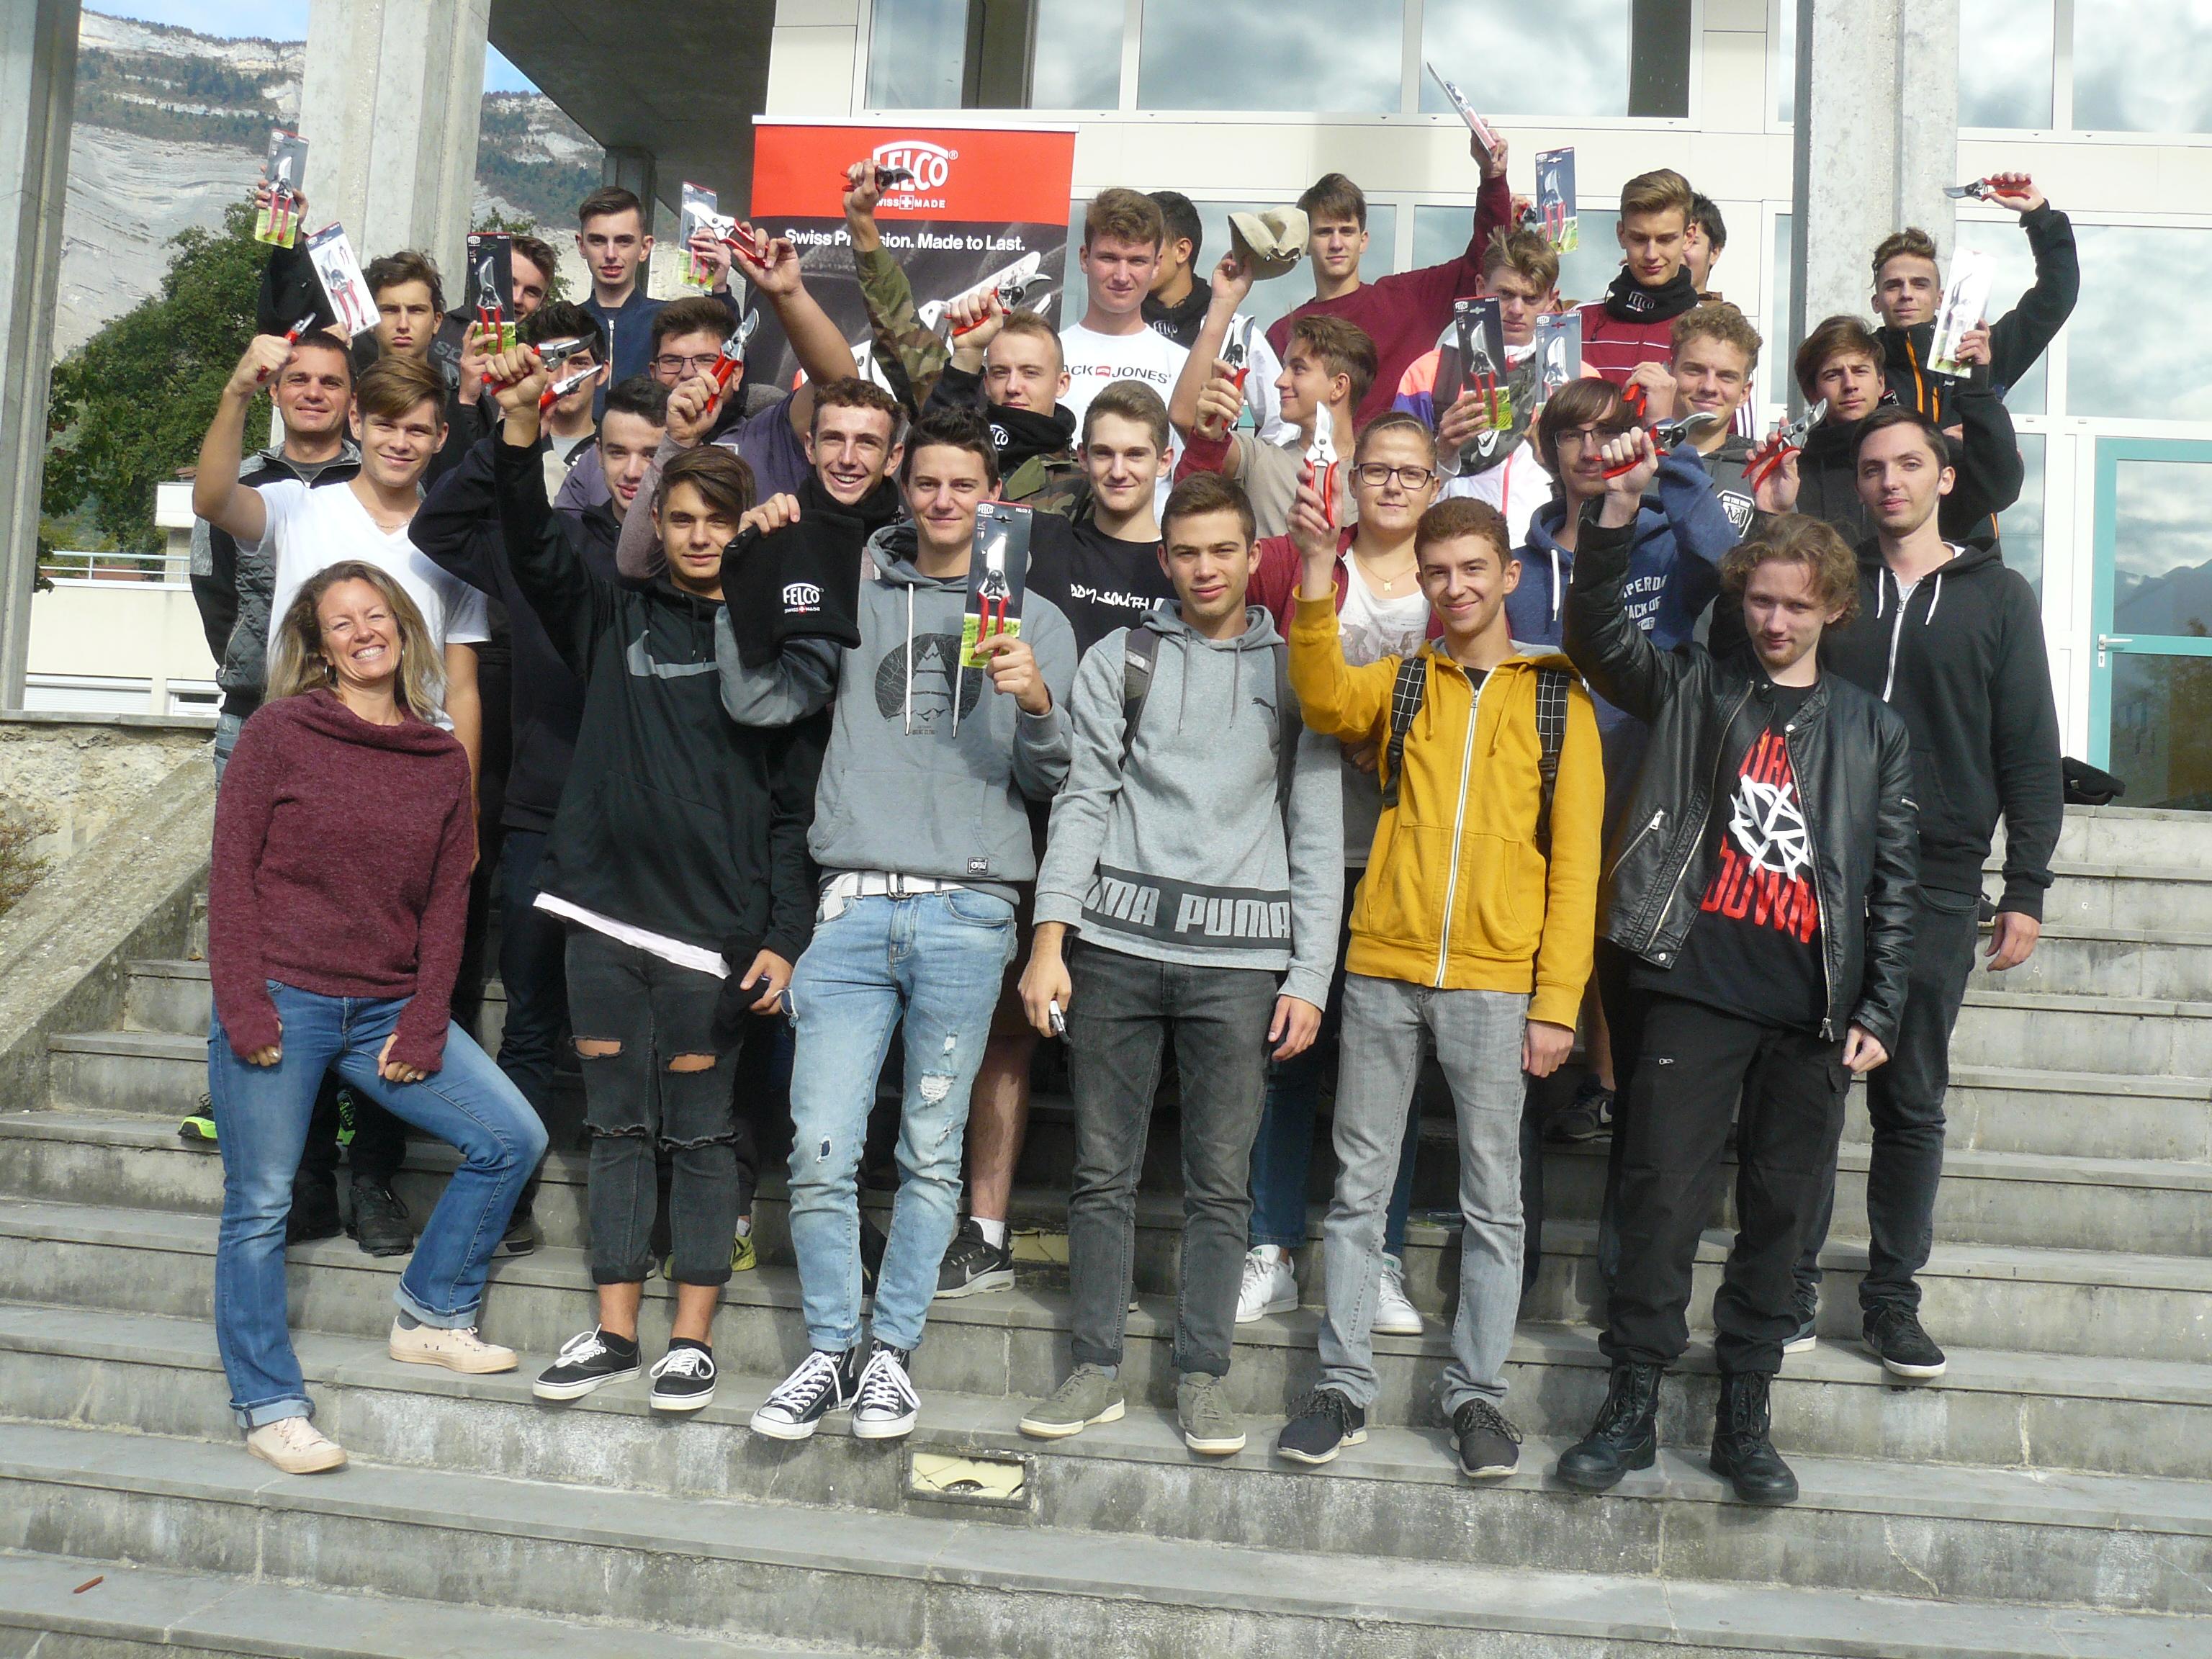 Les lauréats 2018 de Grenoble St Ismier ont gagné chacun un sécateur et une formation à la sécurité, offerts par la firme Felco !